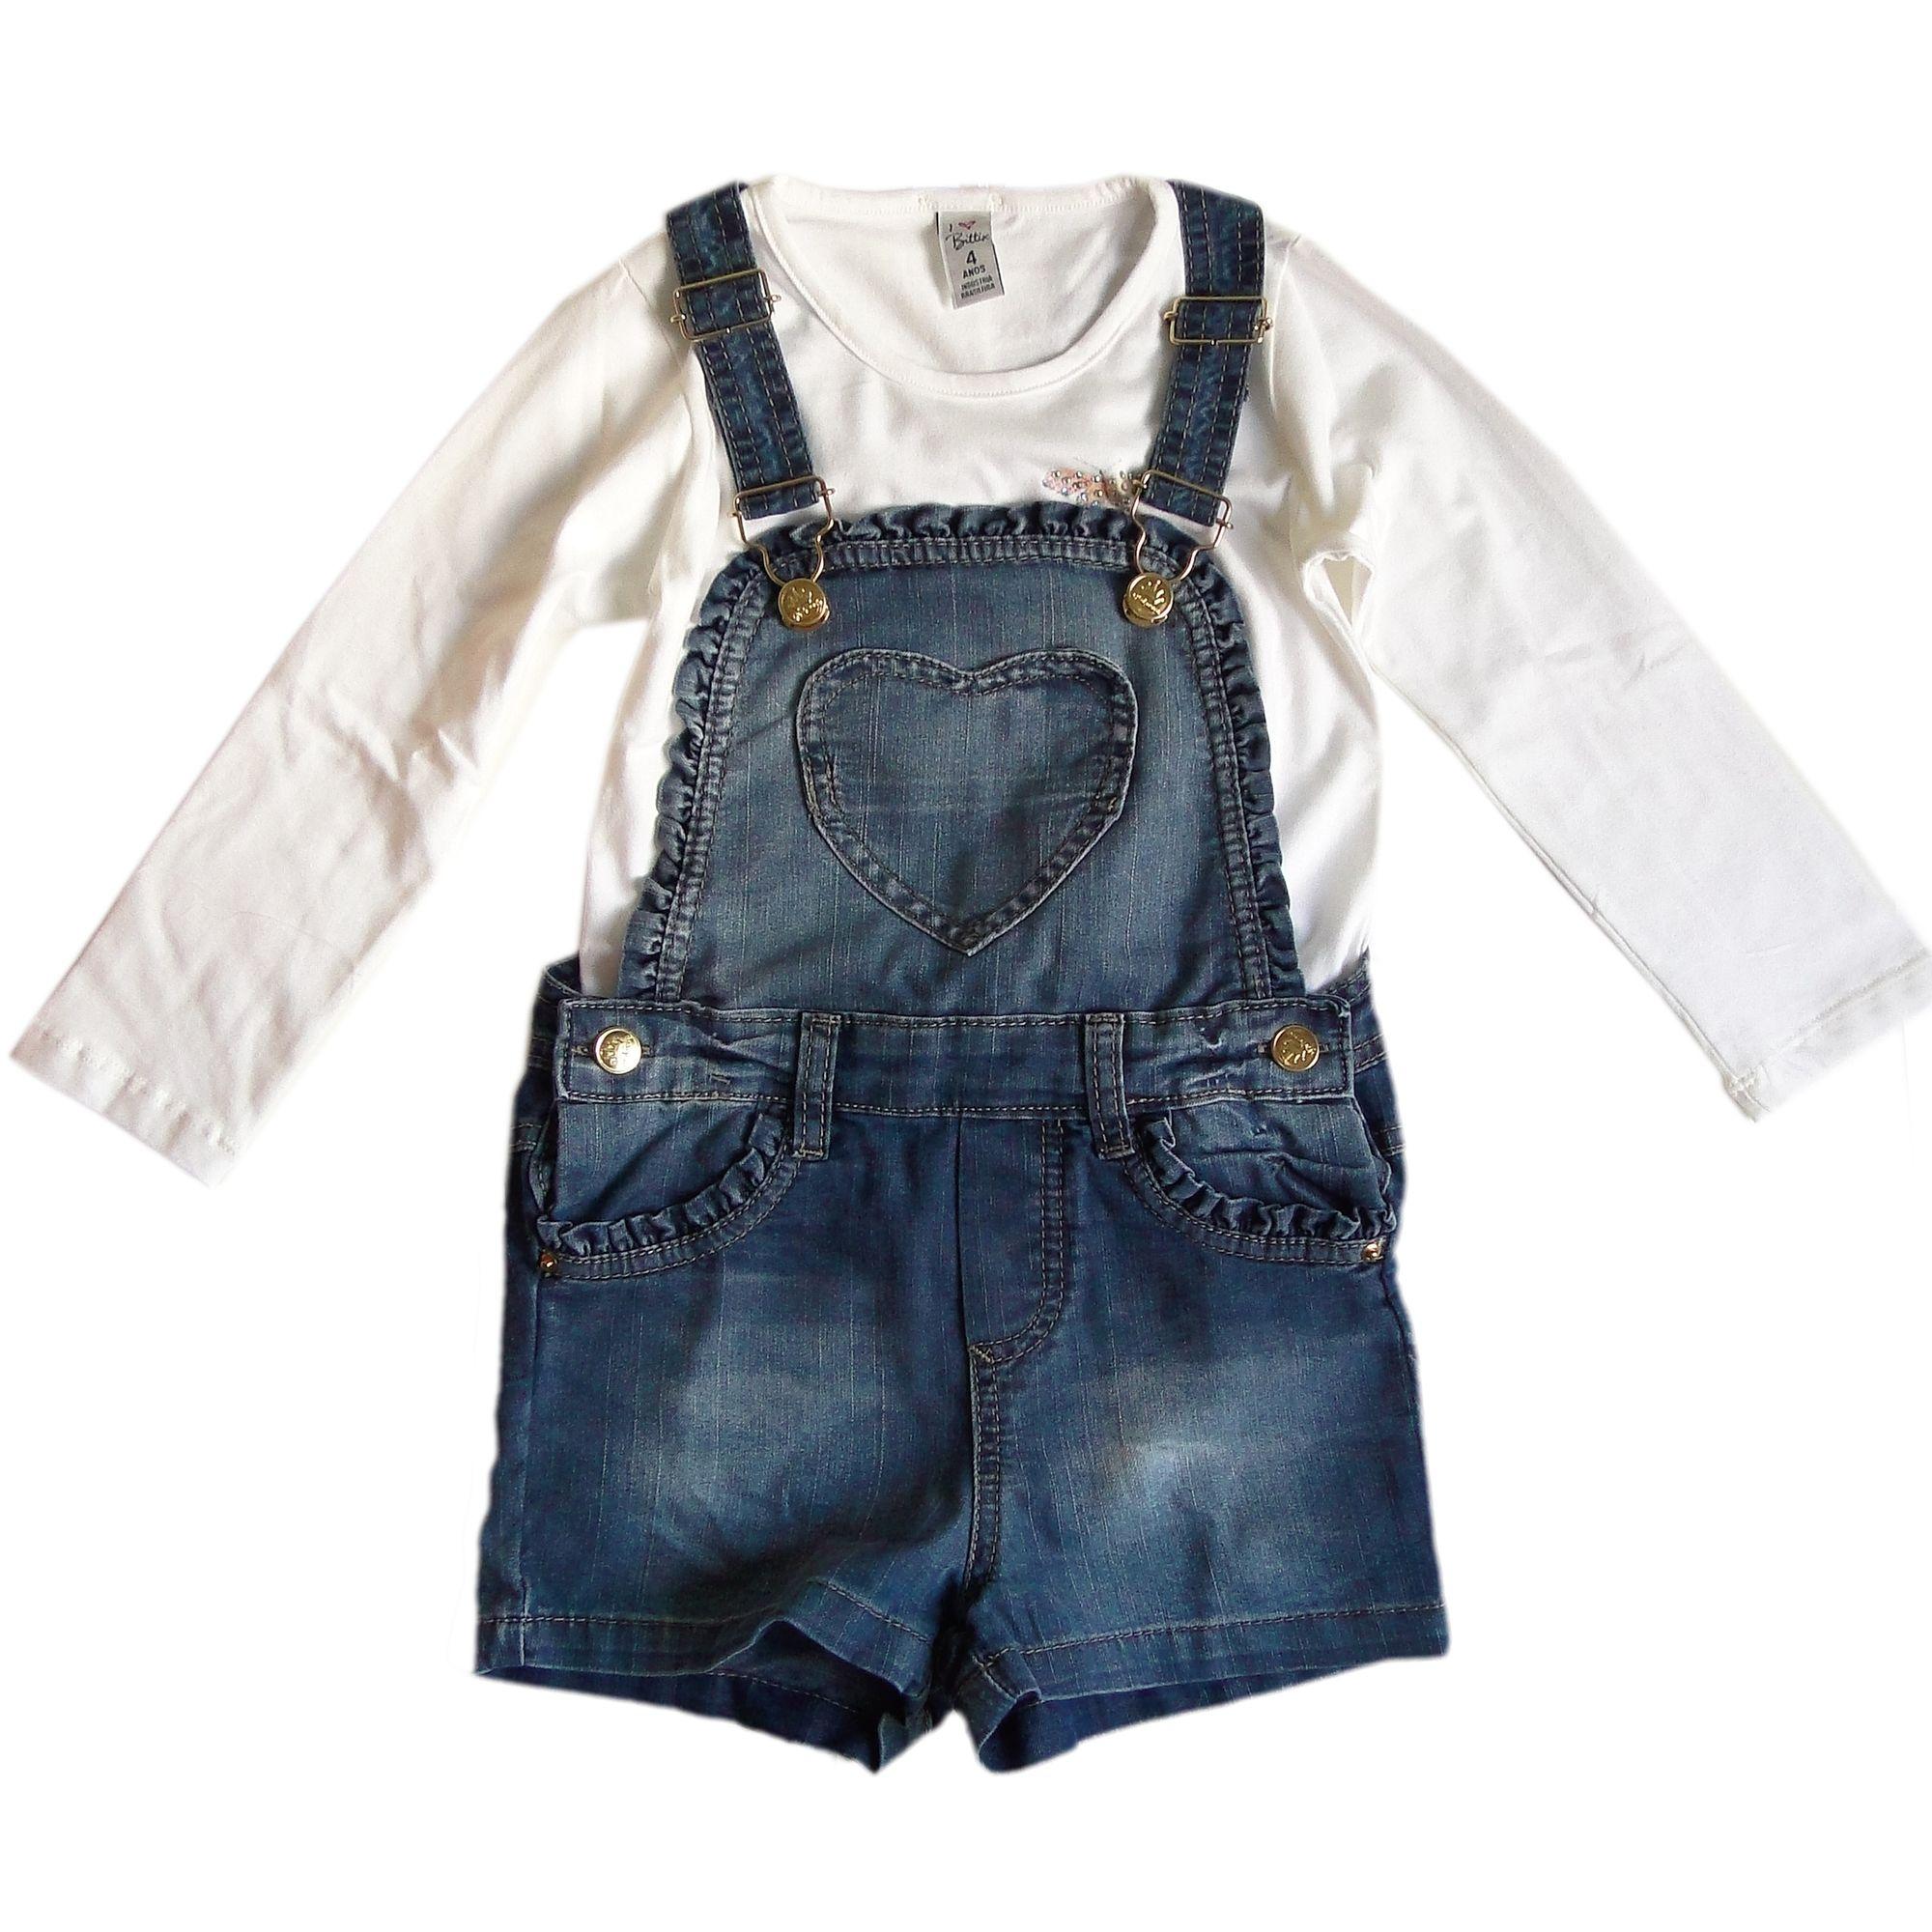 818051a887 Jardineira Infantil em Jeans Coração e Camiseta Borboletas - Moda Infantil  para meninas é na EcaMeleca Kids - EcaMeleca